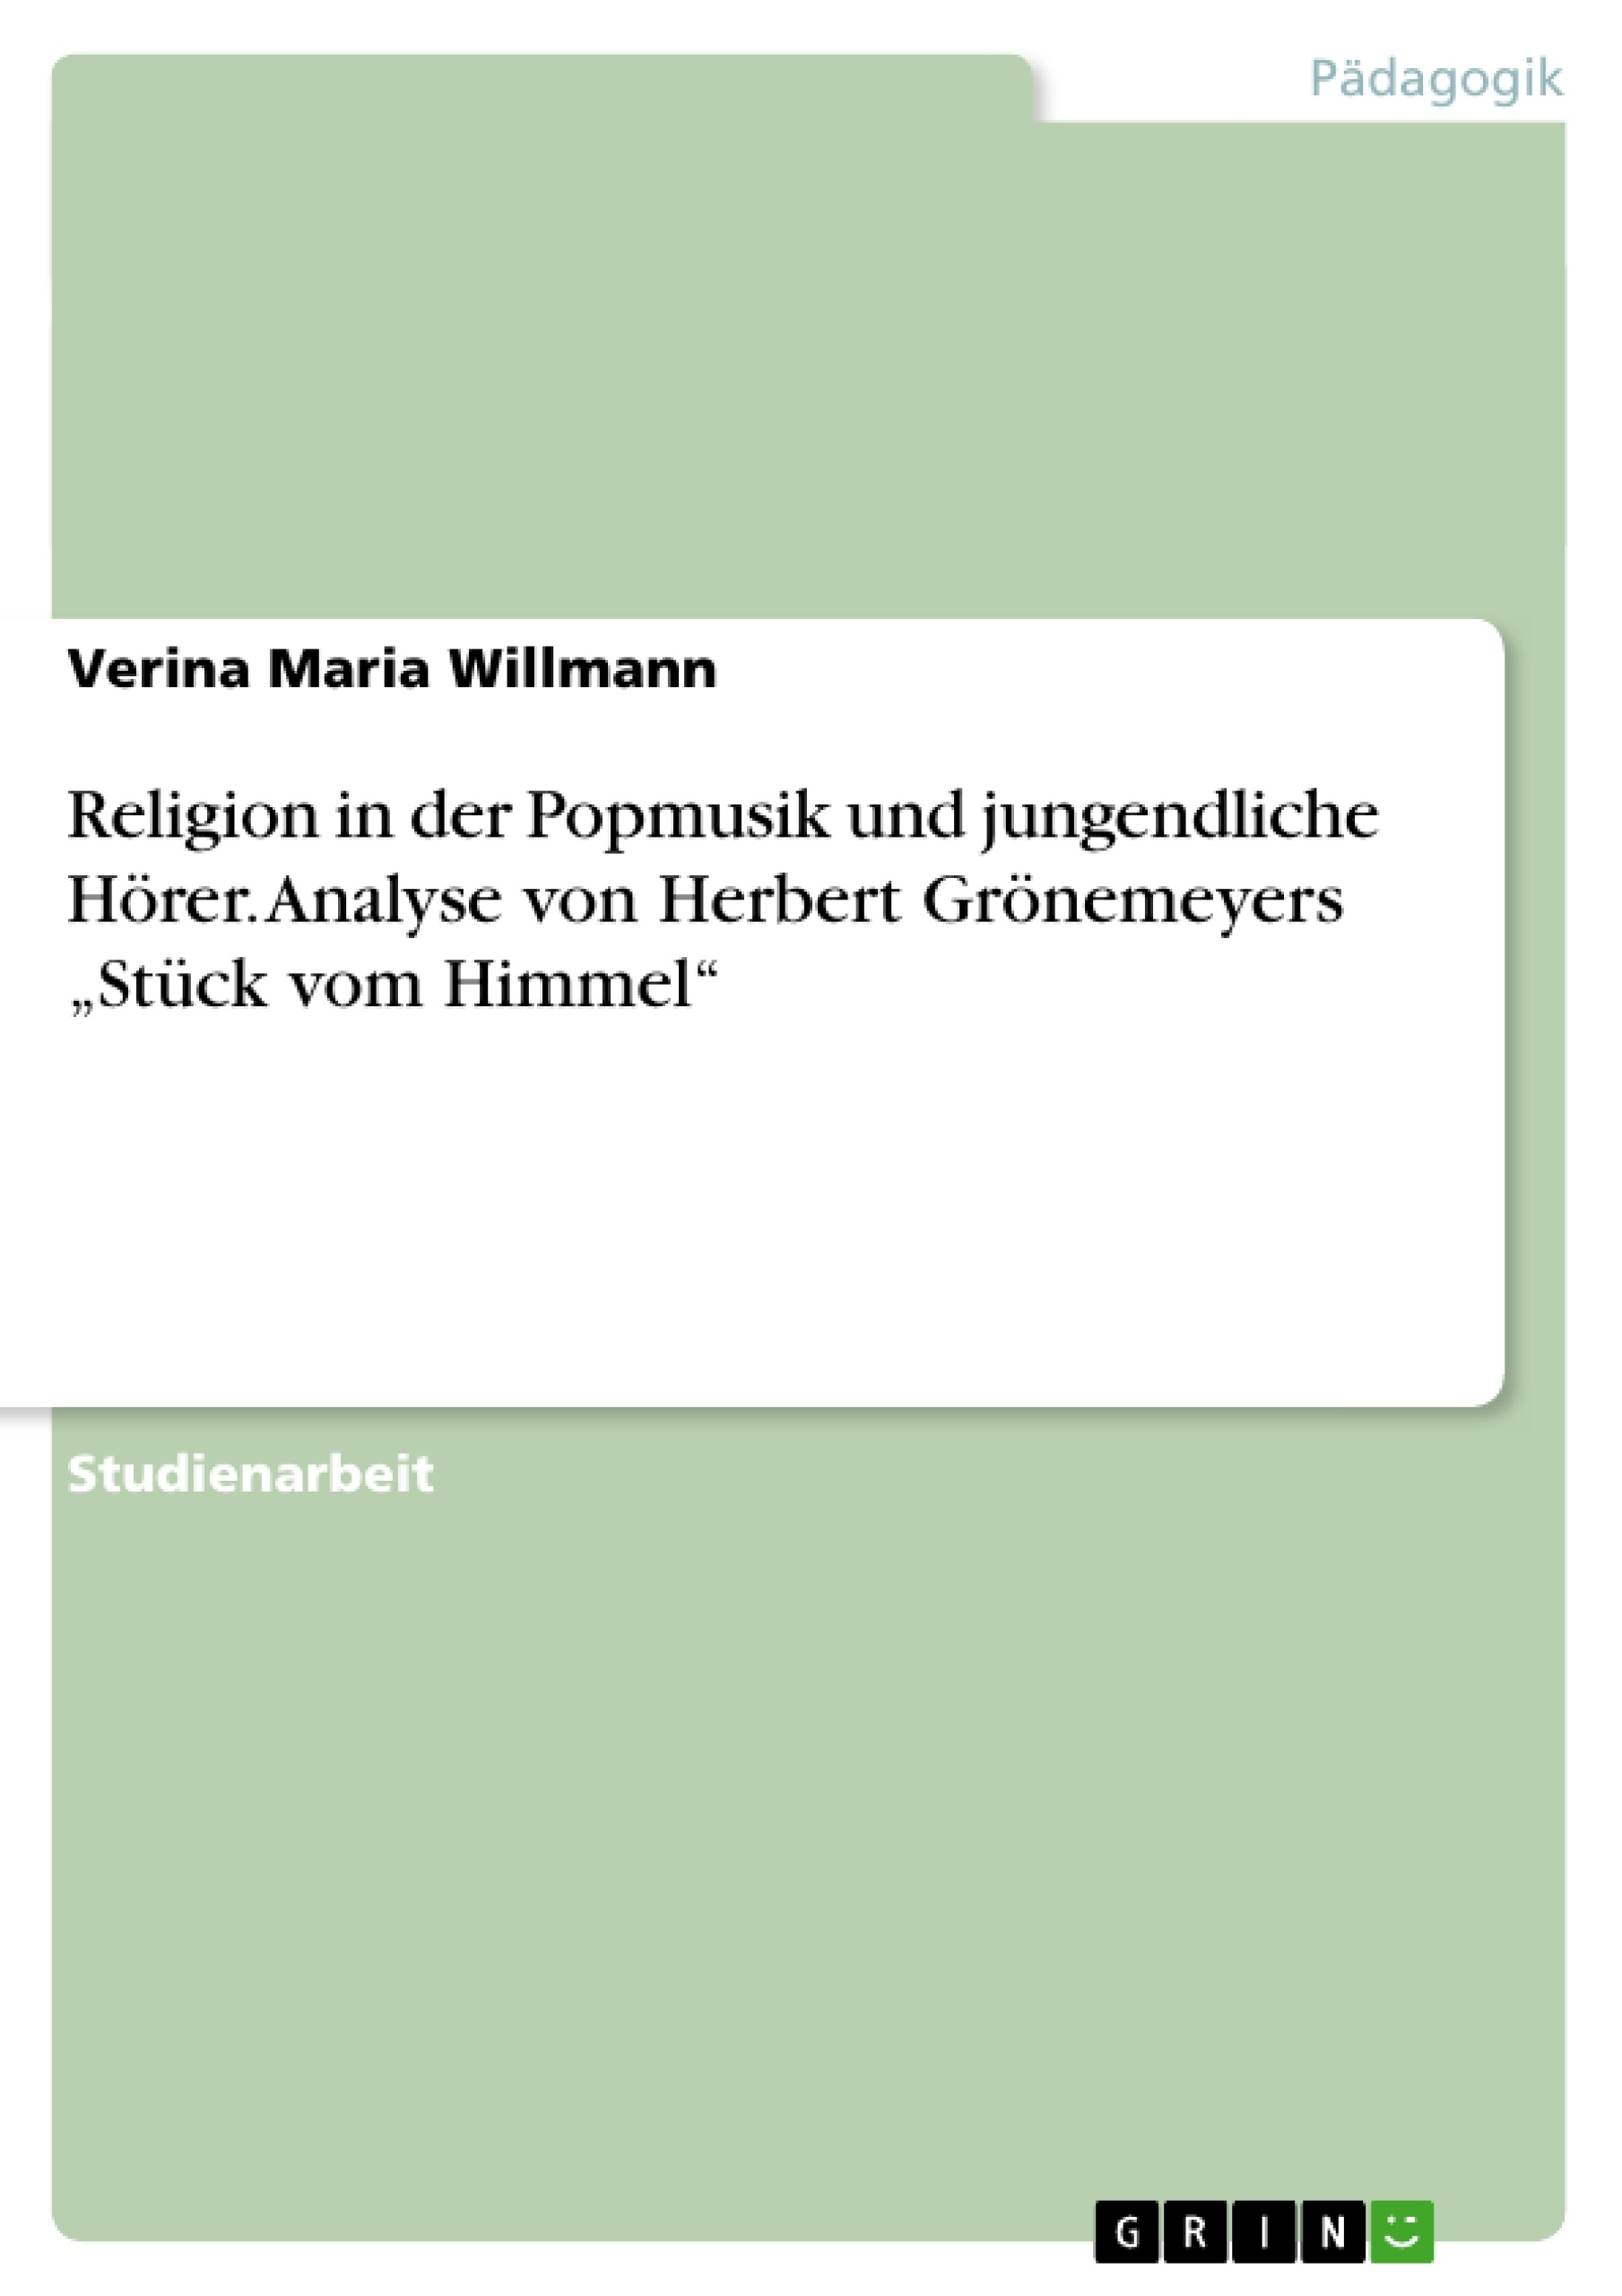 """Titel: Religion in der Popmusik und jungendliche Hörer. Analyse von Herbert Grönemeyers """"Stück vom Himmel"""""""